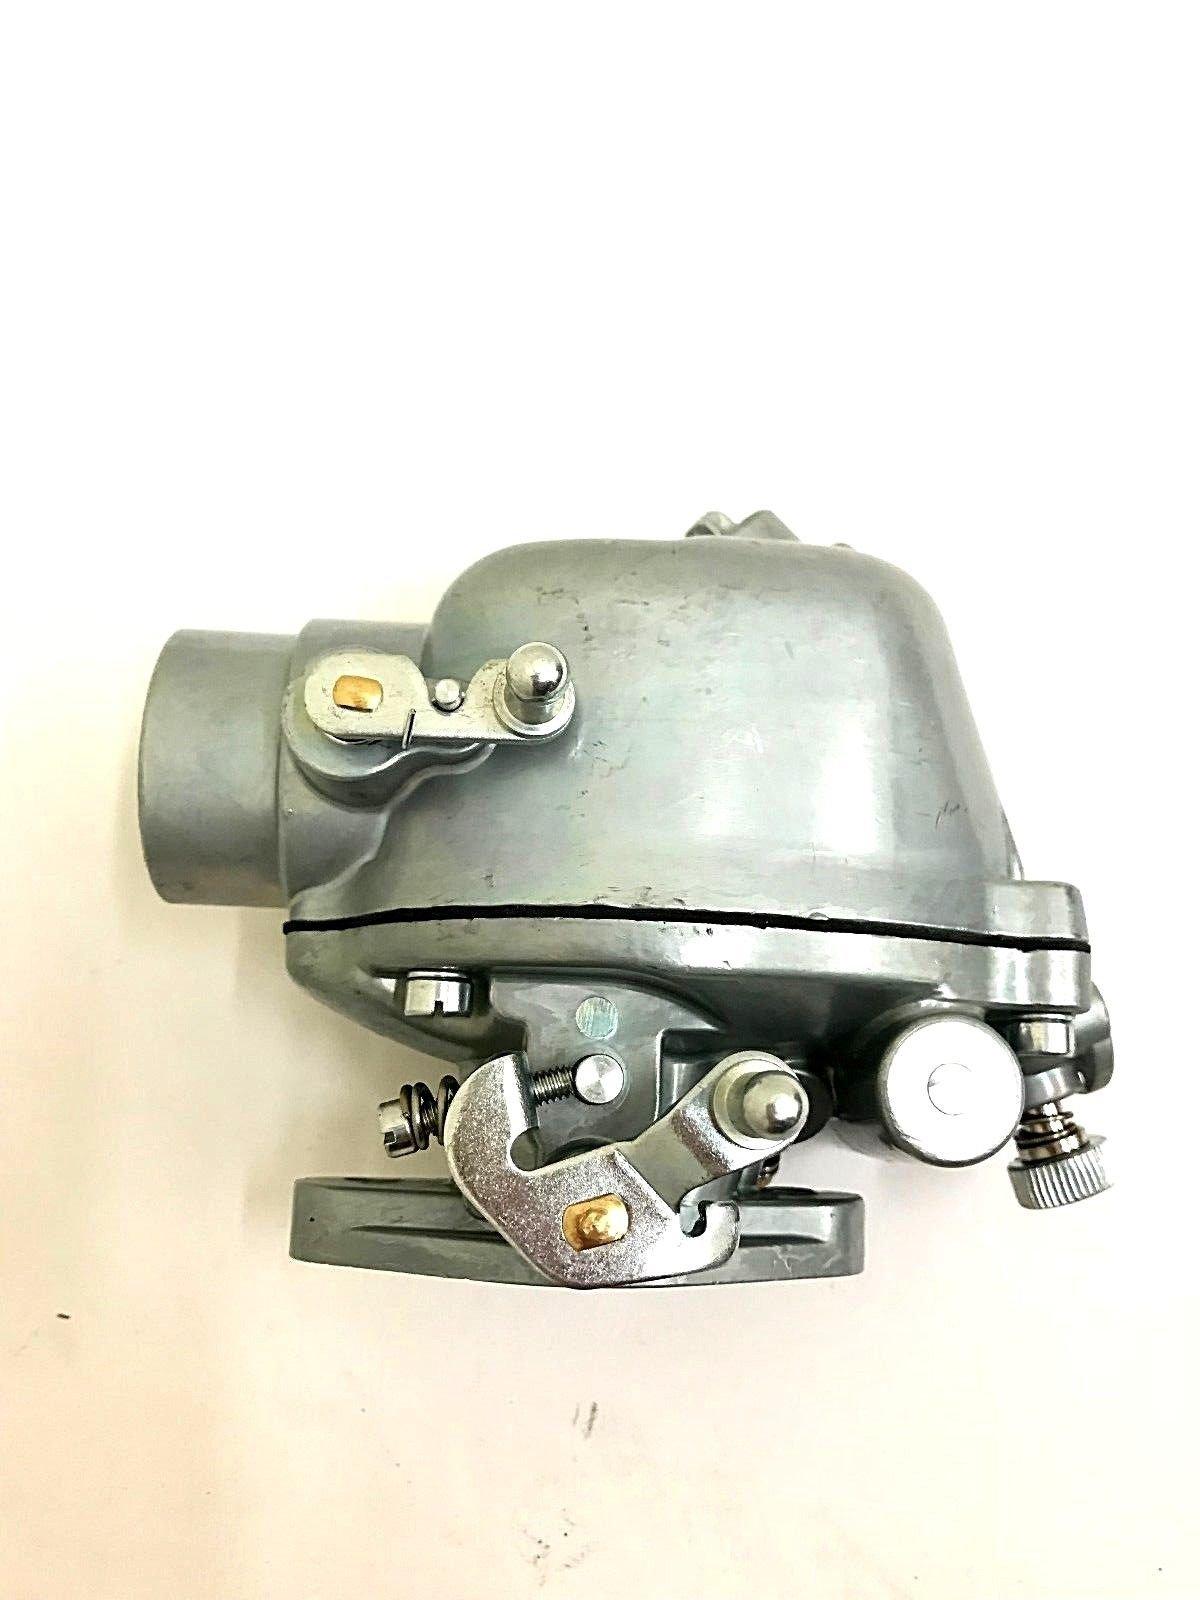 8N9510C-HD New Carburetor Heavy Duty Marvel Schebler For Ford Tractor 2N 8N 9N